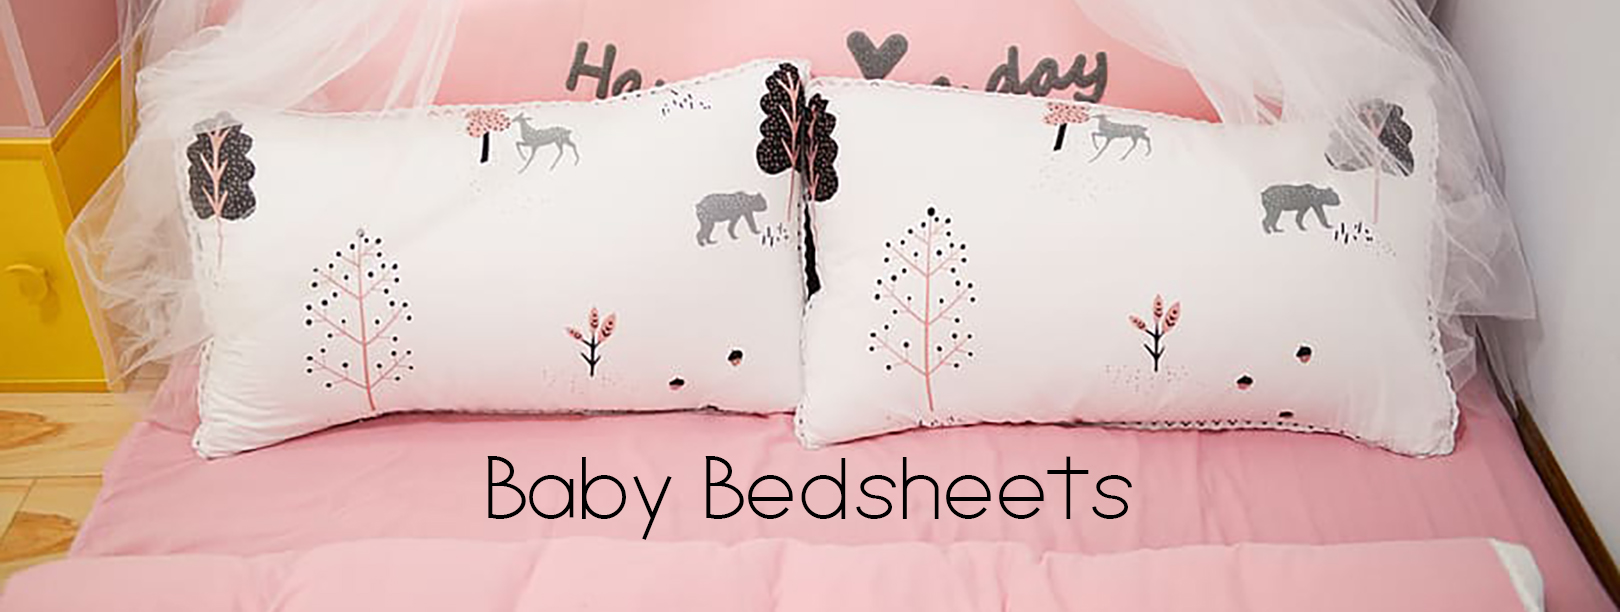 Flipkart Baby Bedsheets